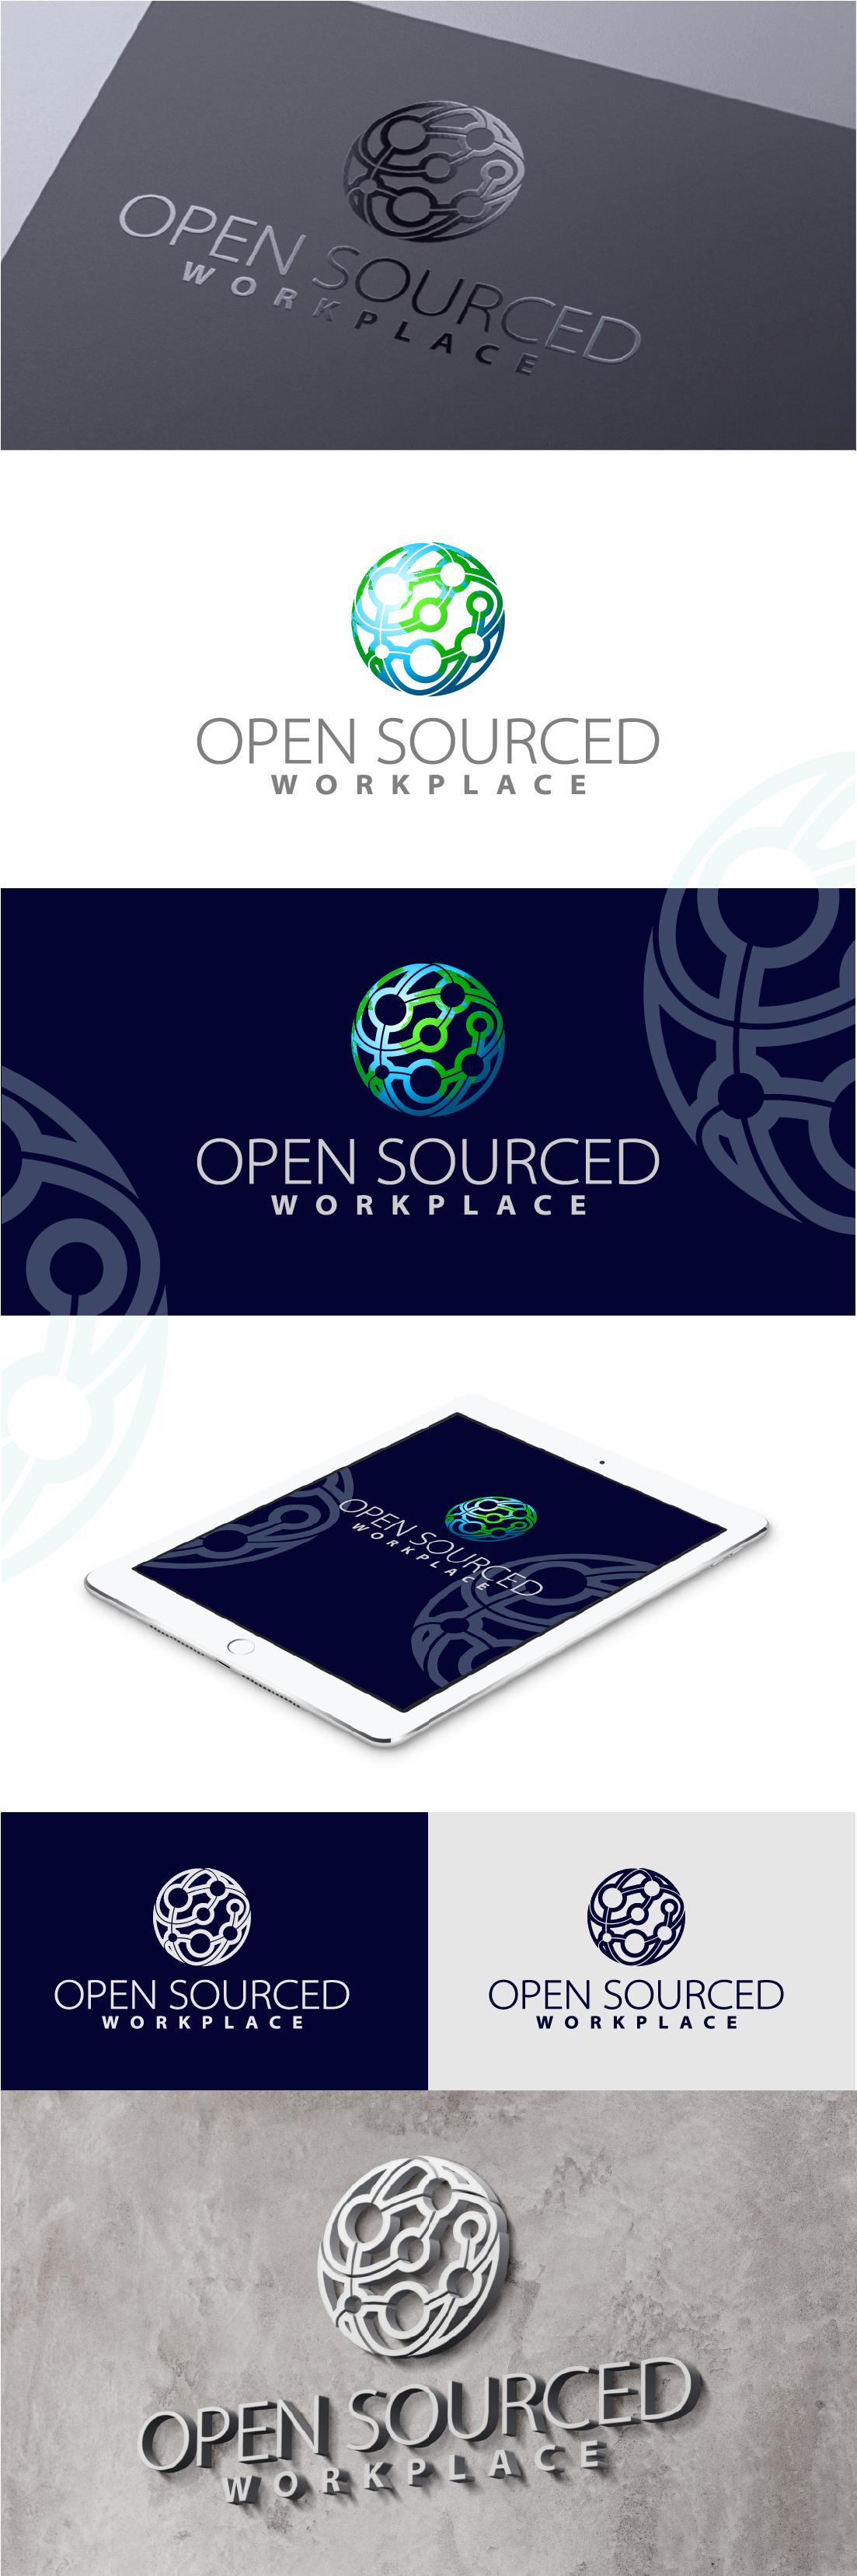 Create open source workplace design